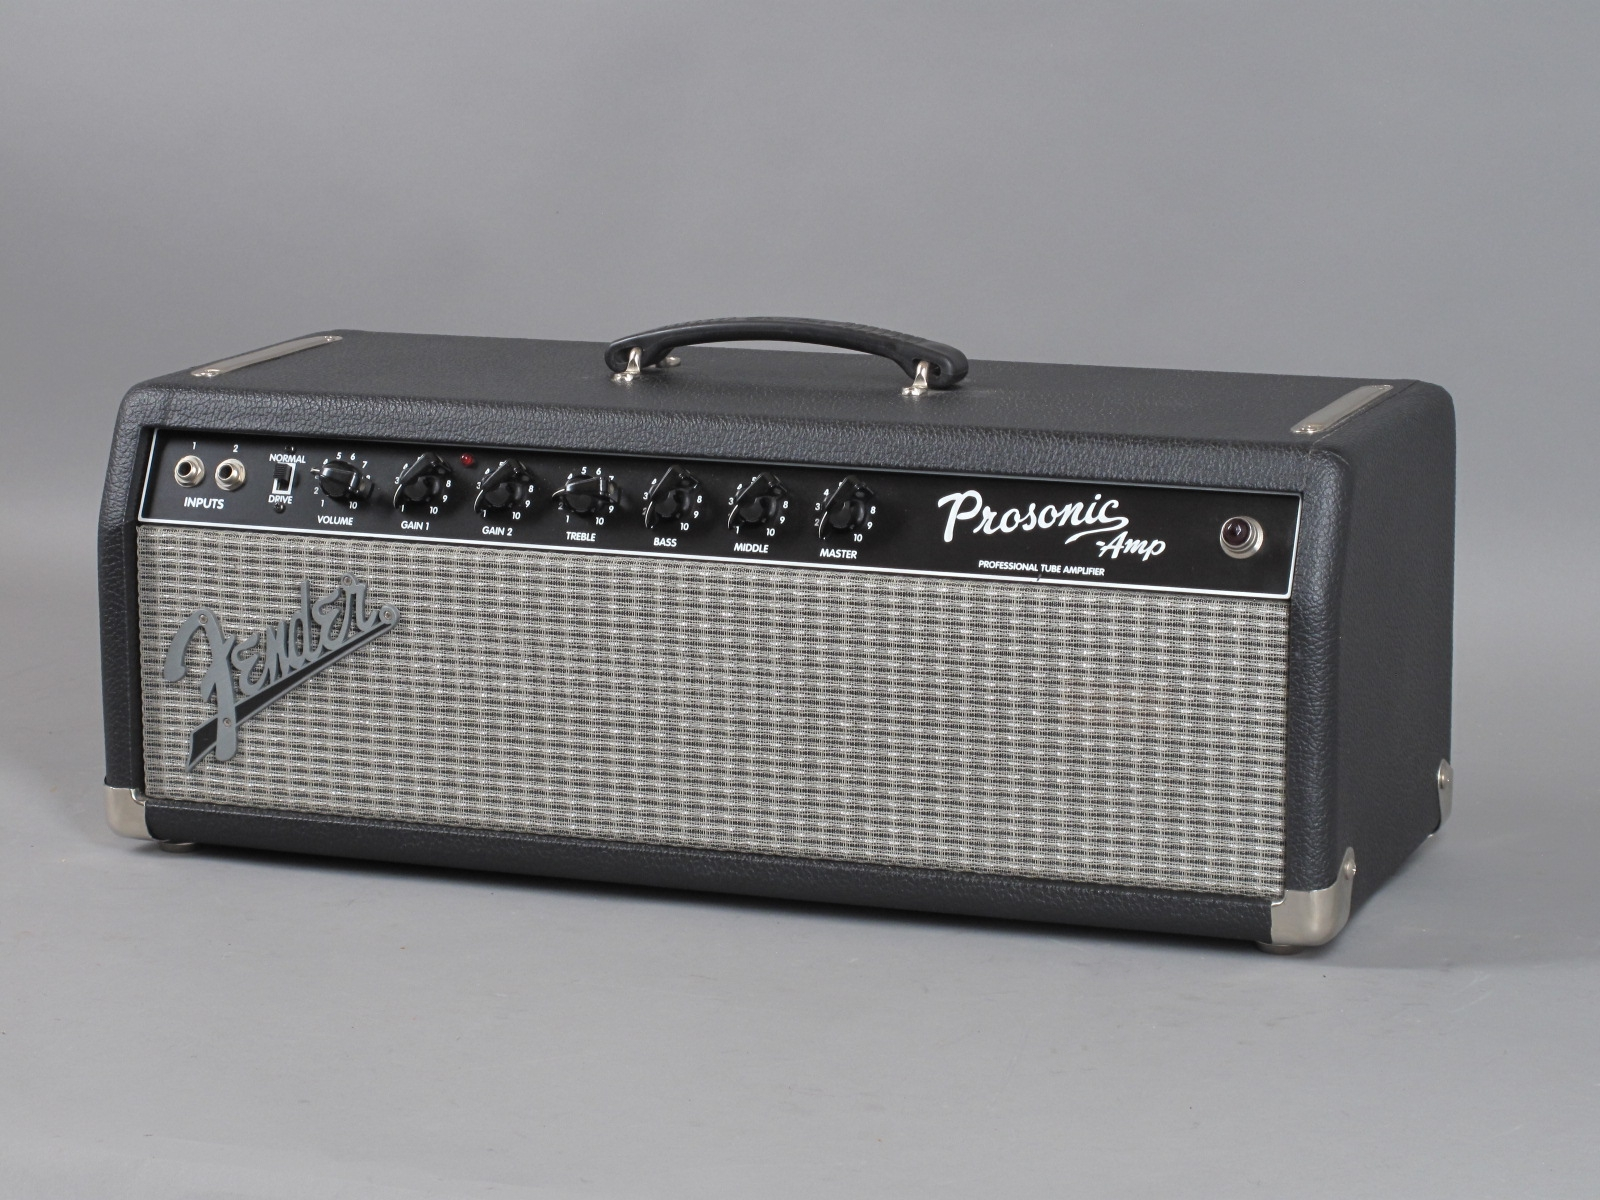 https://guitarpoint.de/app/uploads/products/fender-prosonic-head/Fender-Prosonic-CR273258_2.jpg